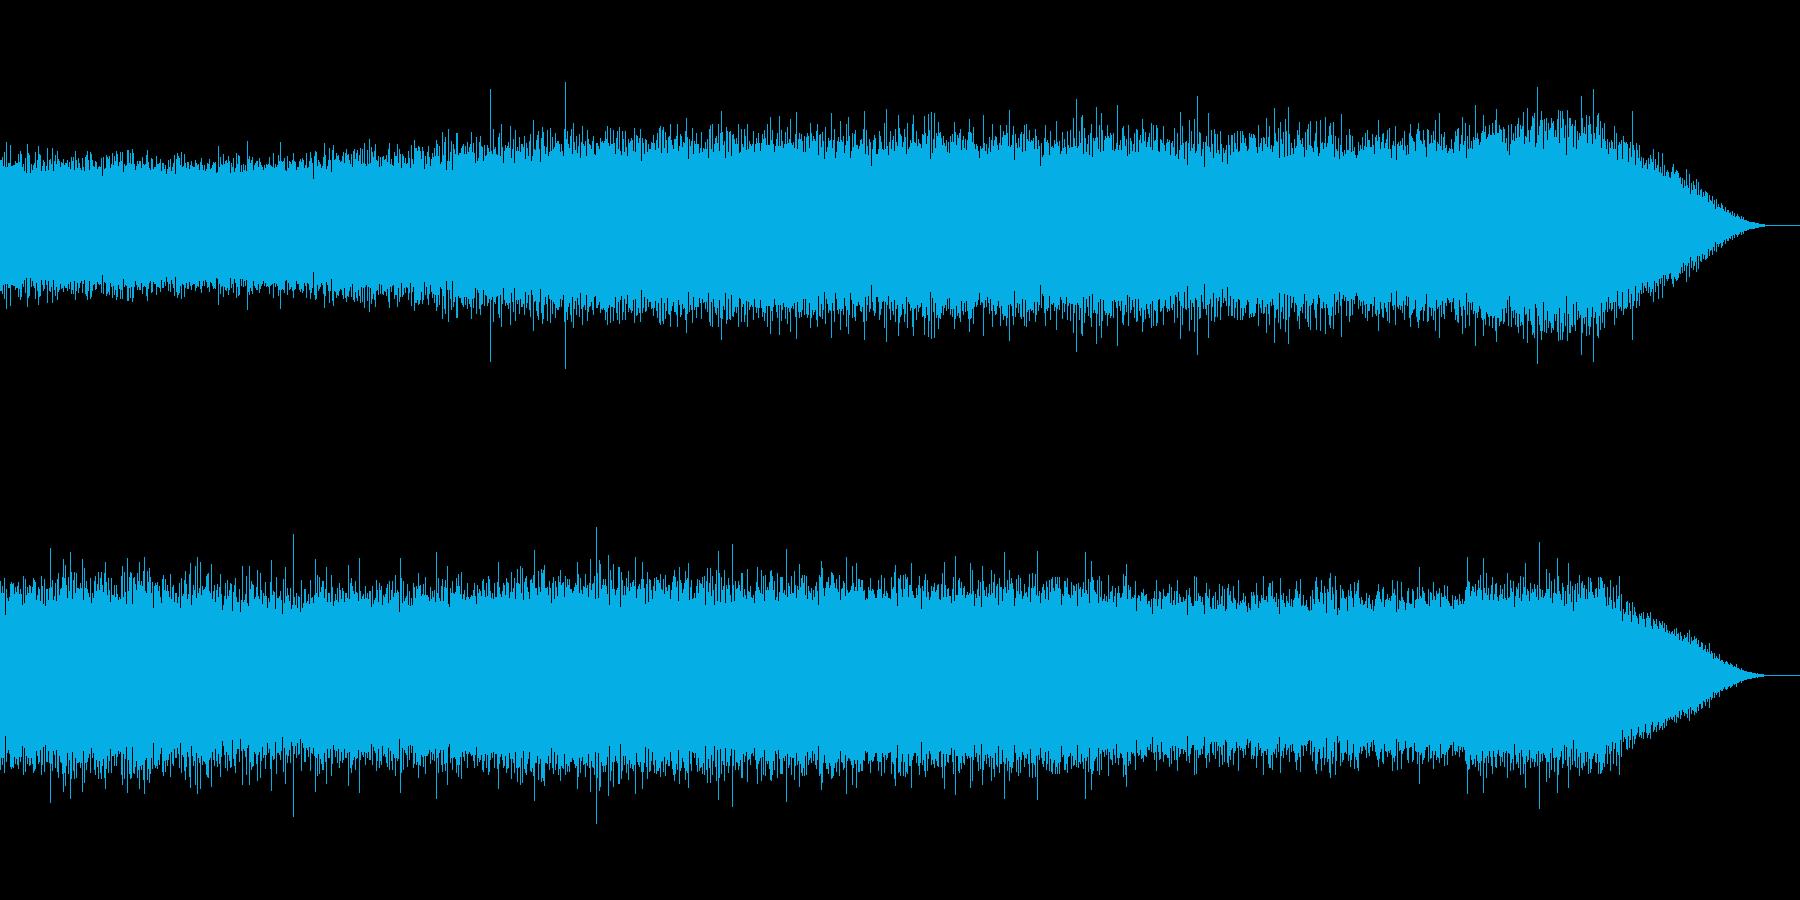 夏の田園風景を思わせる自然音(昼)の再生済みの波形